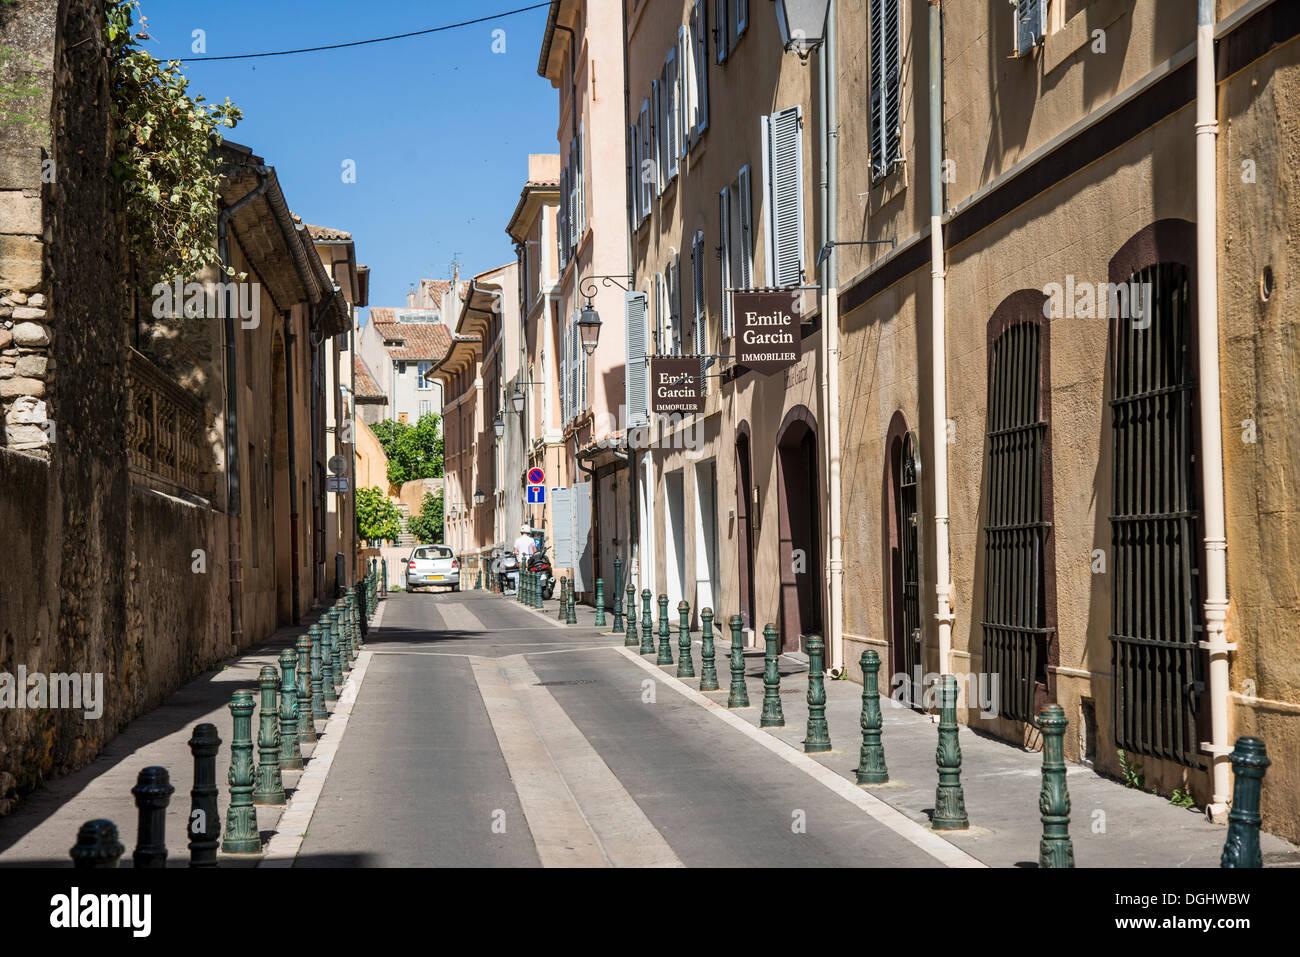 Quartier Mazarin, Aix-en-Provence, Provence-Alpes-Côte d'Azur, France, Europe - Stock Image